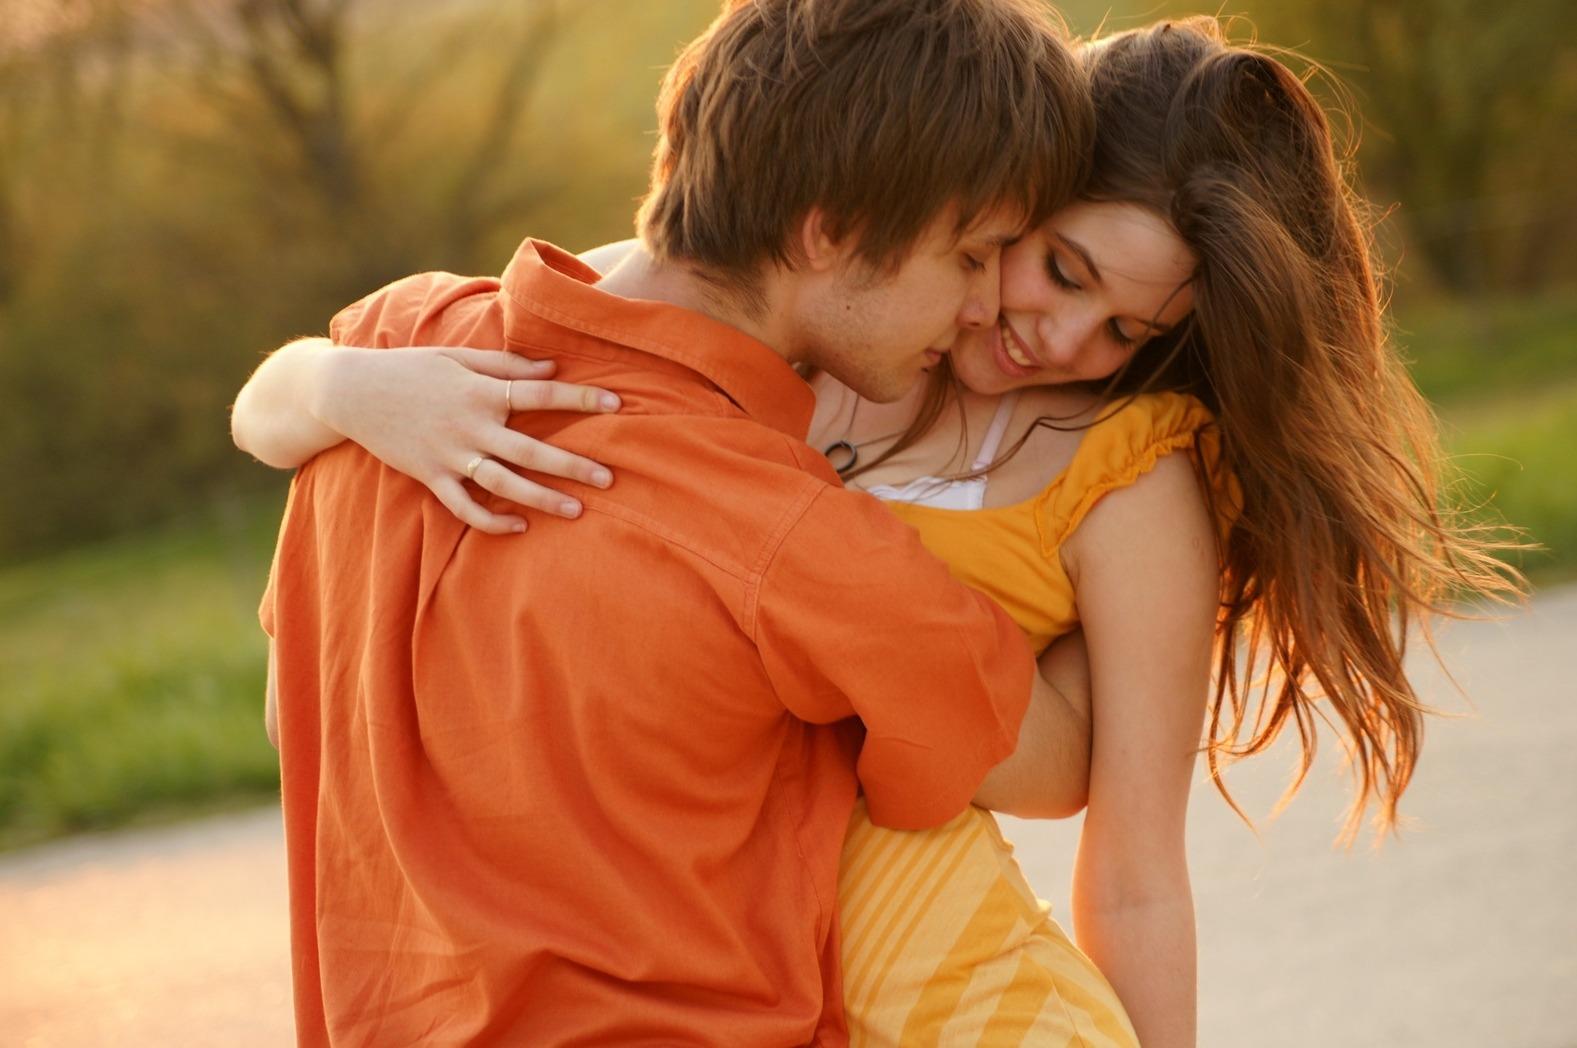 Как сделать так чтобы не думать о девушке которую любишь